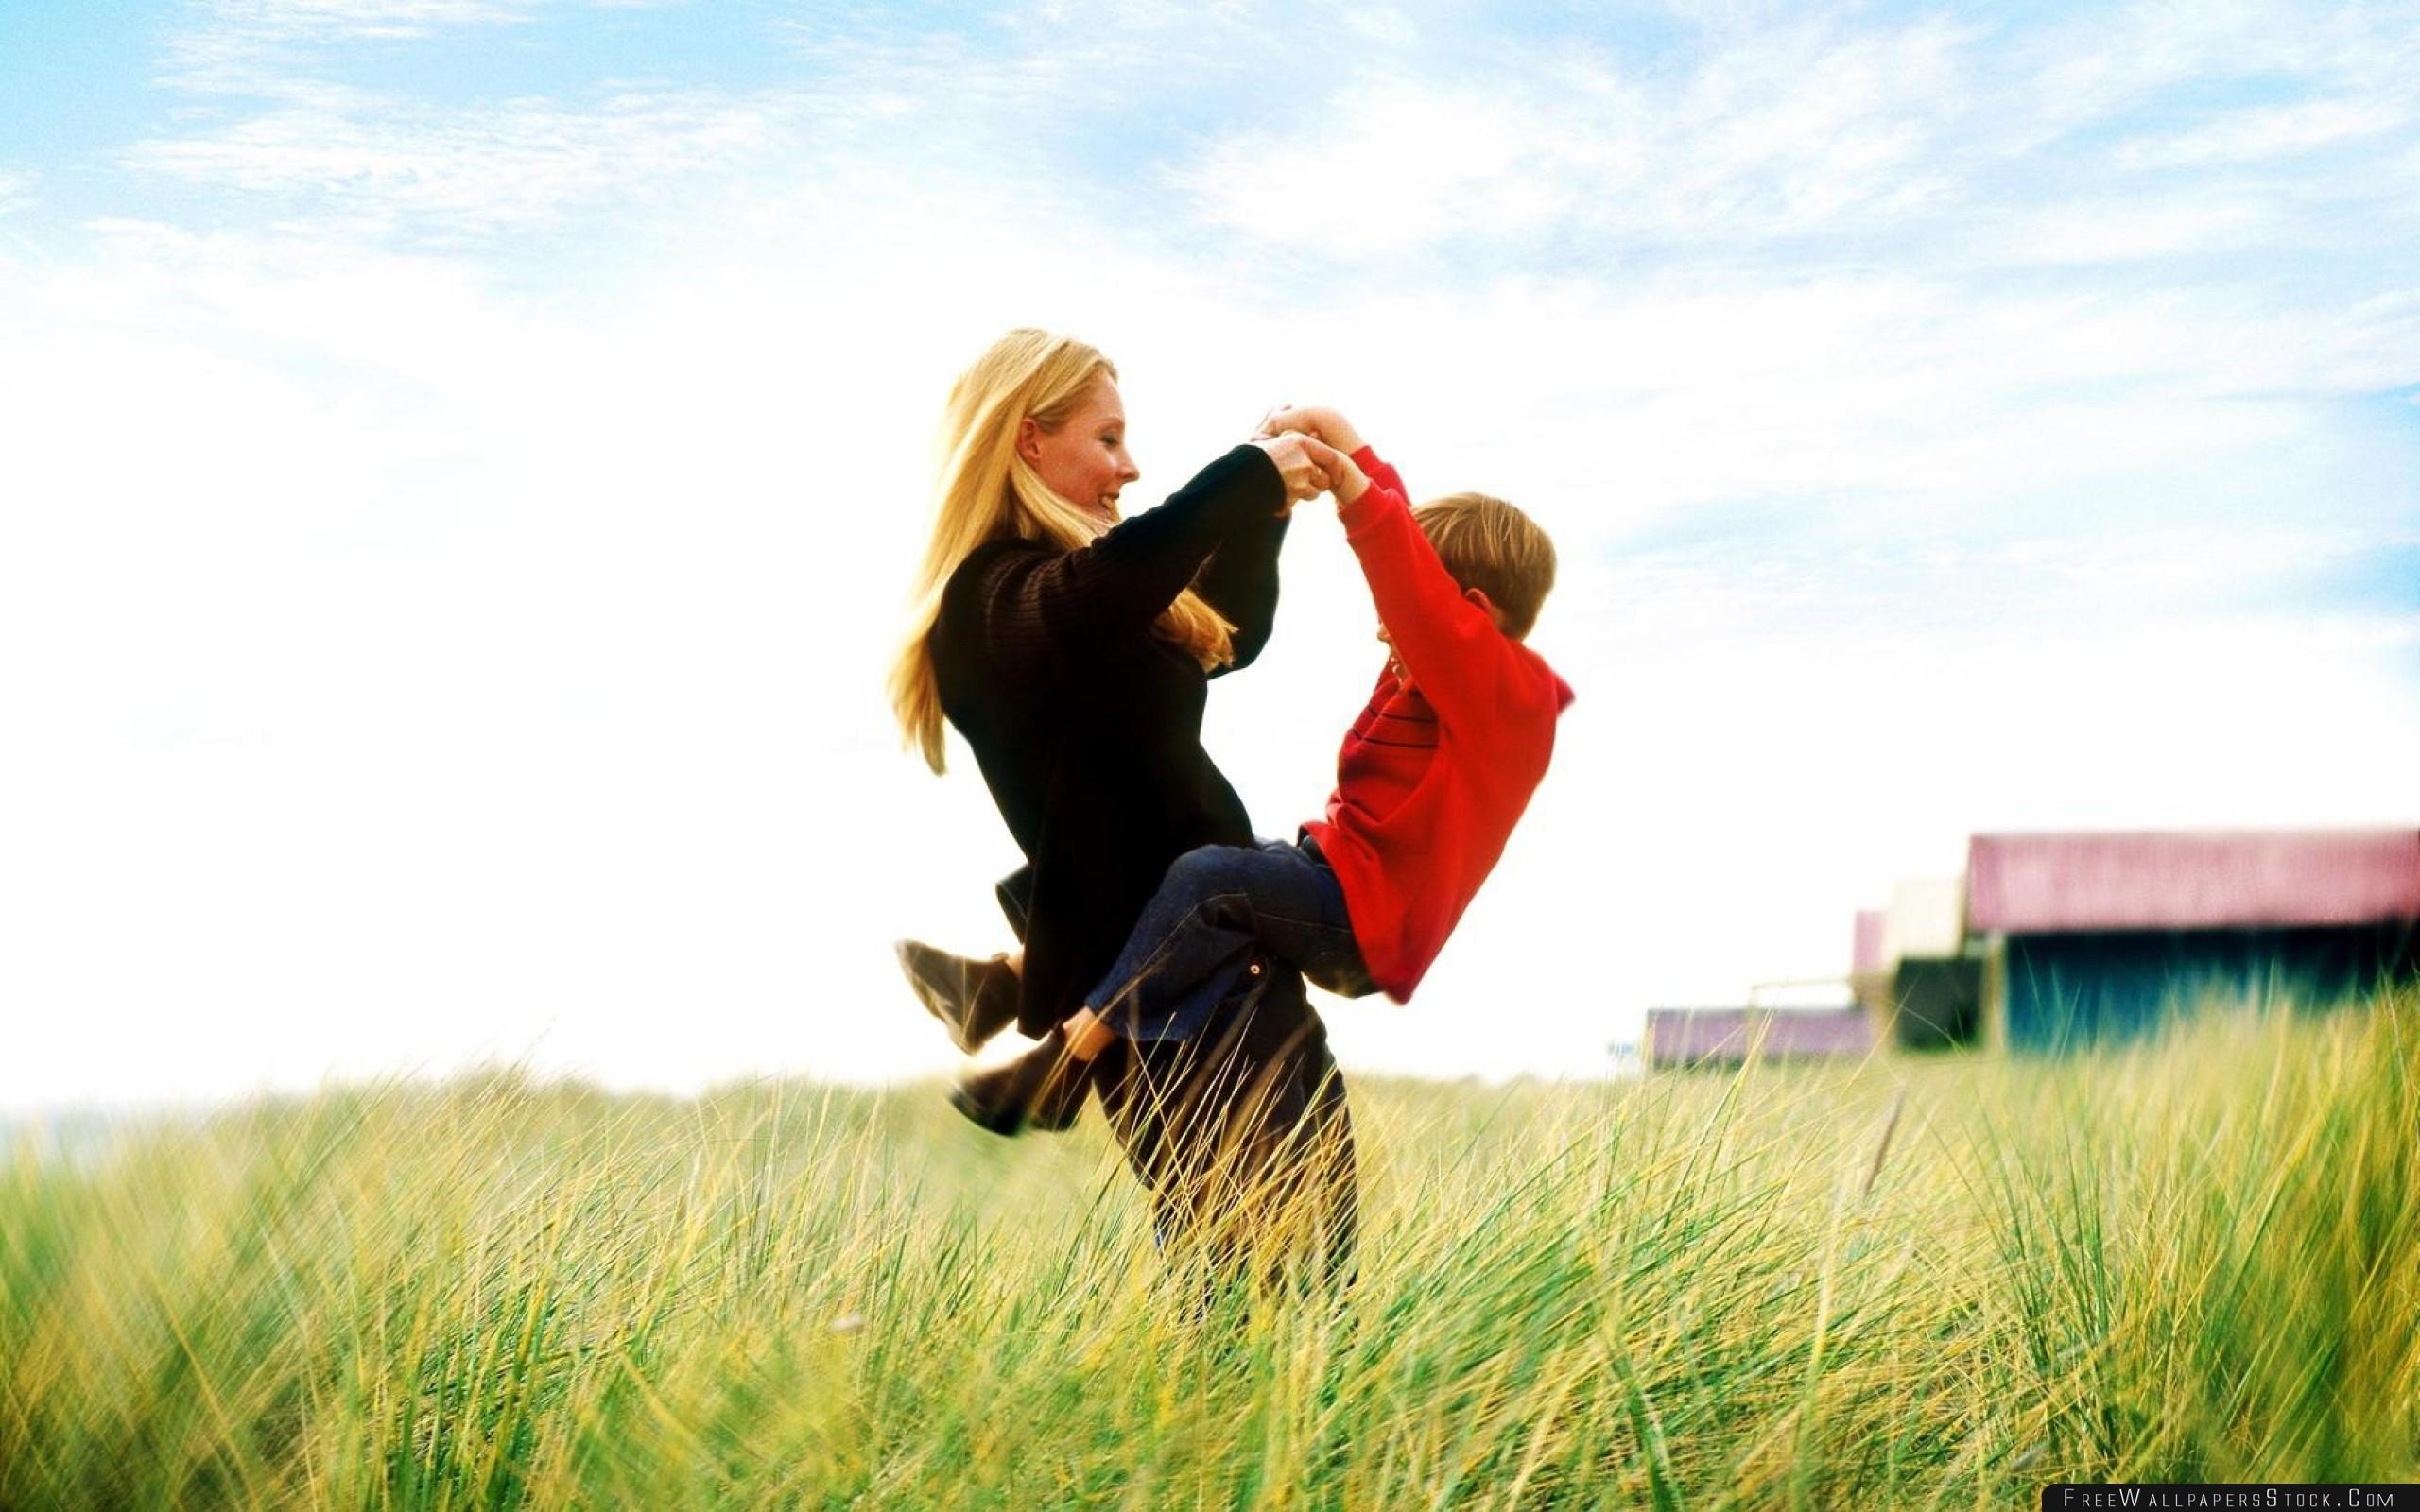 Download Free Wallpaper Woman Boy Grass Sky Joy